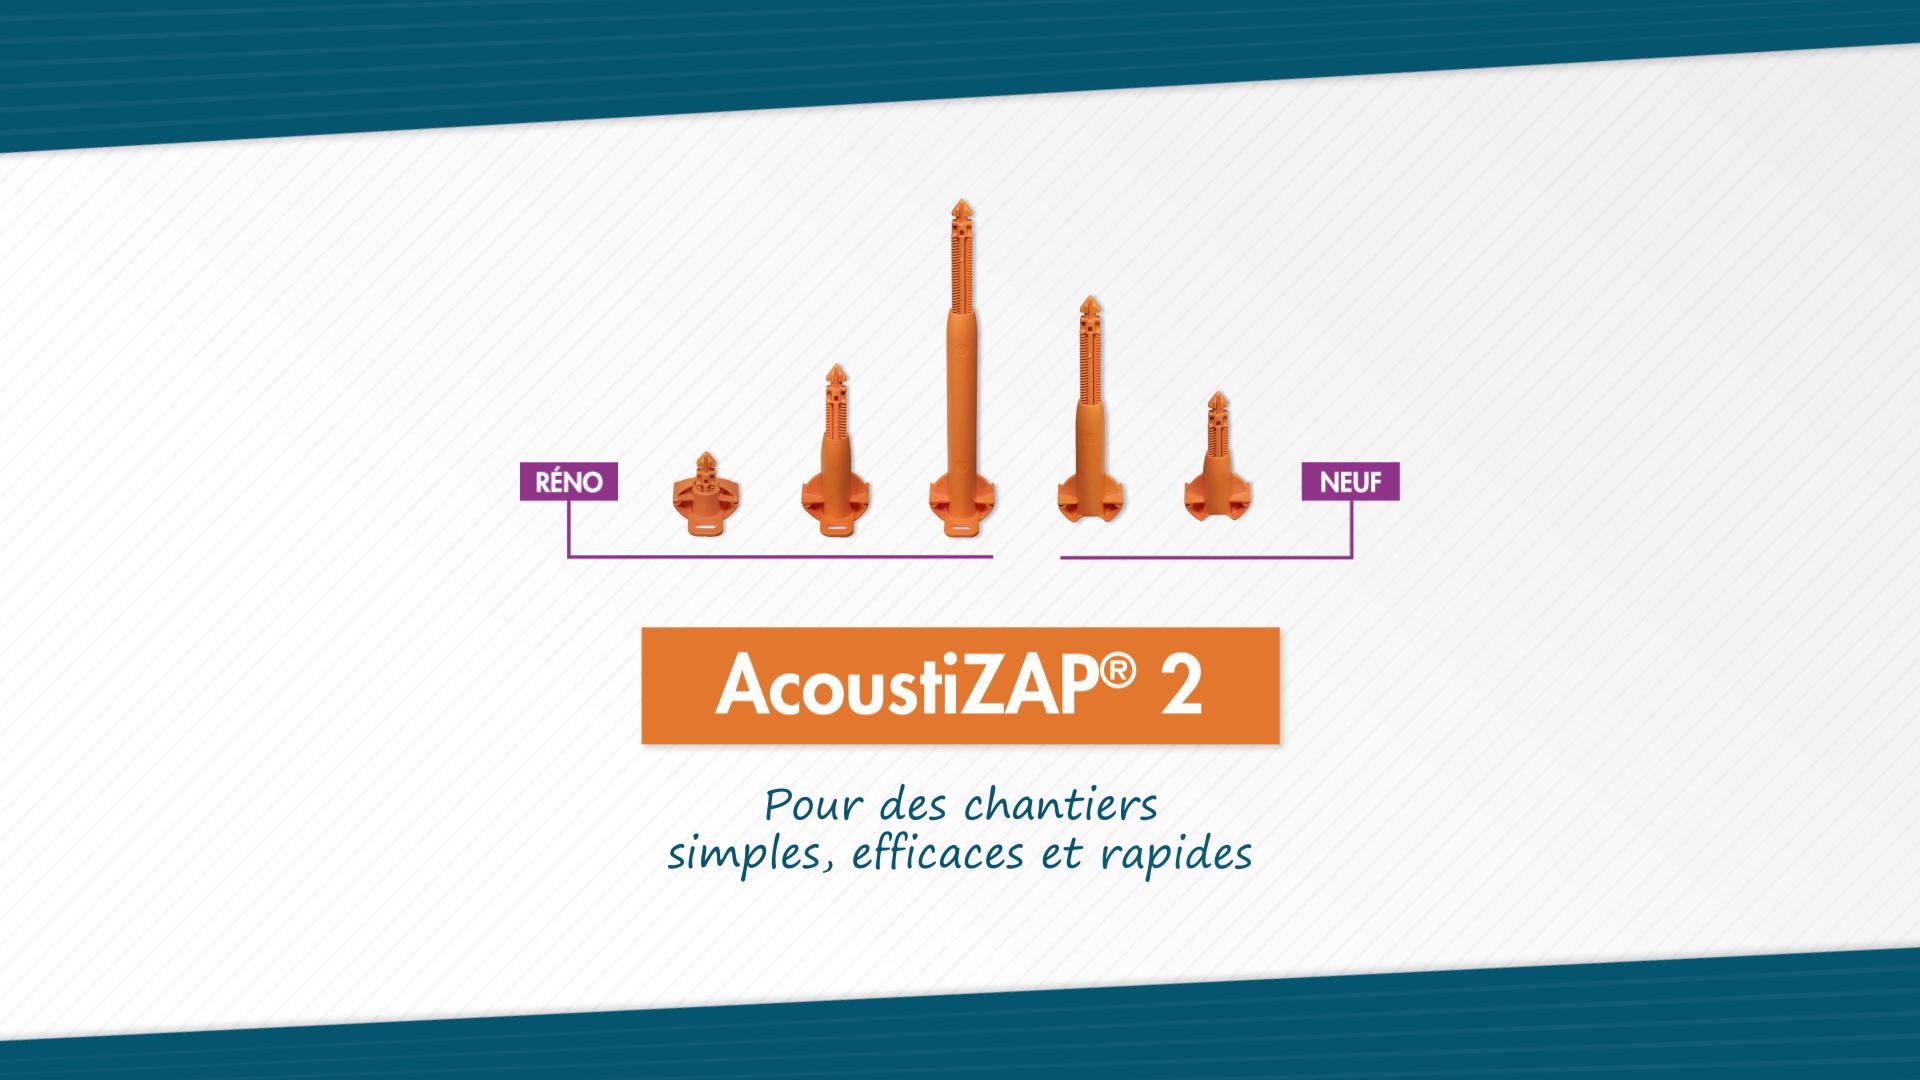 Motion Design Knaufinsulation AcoustiZAP2